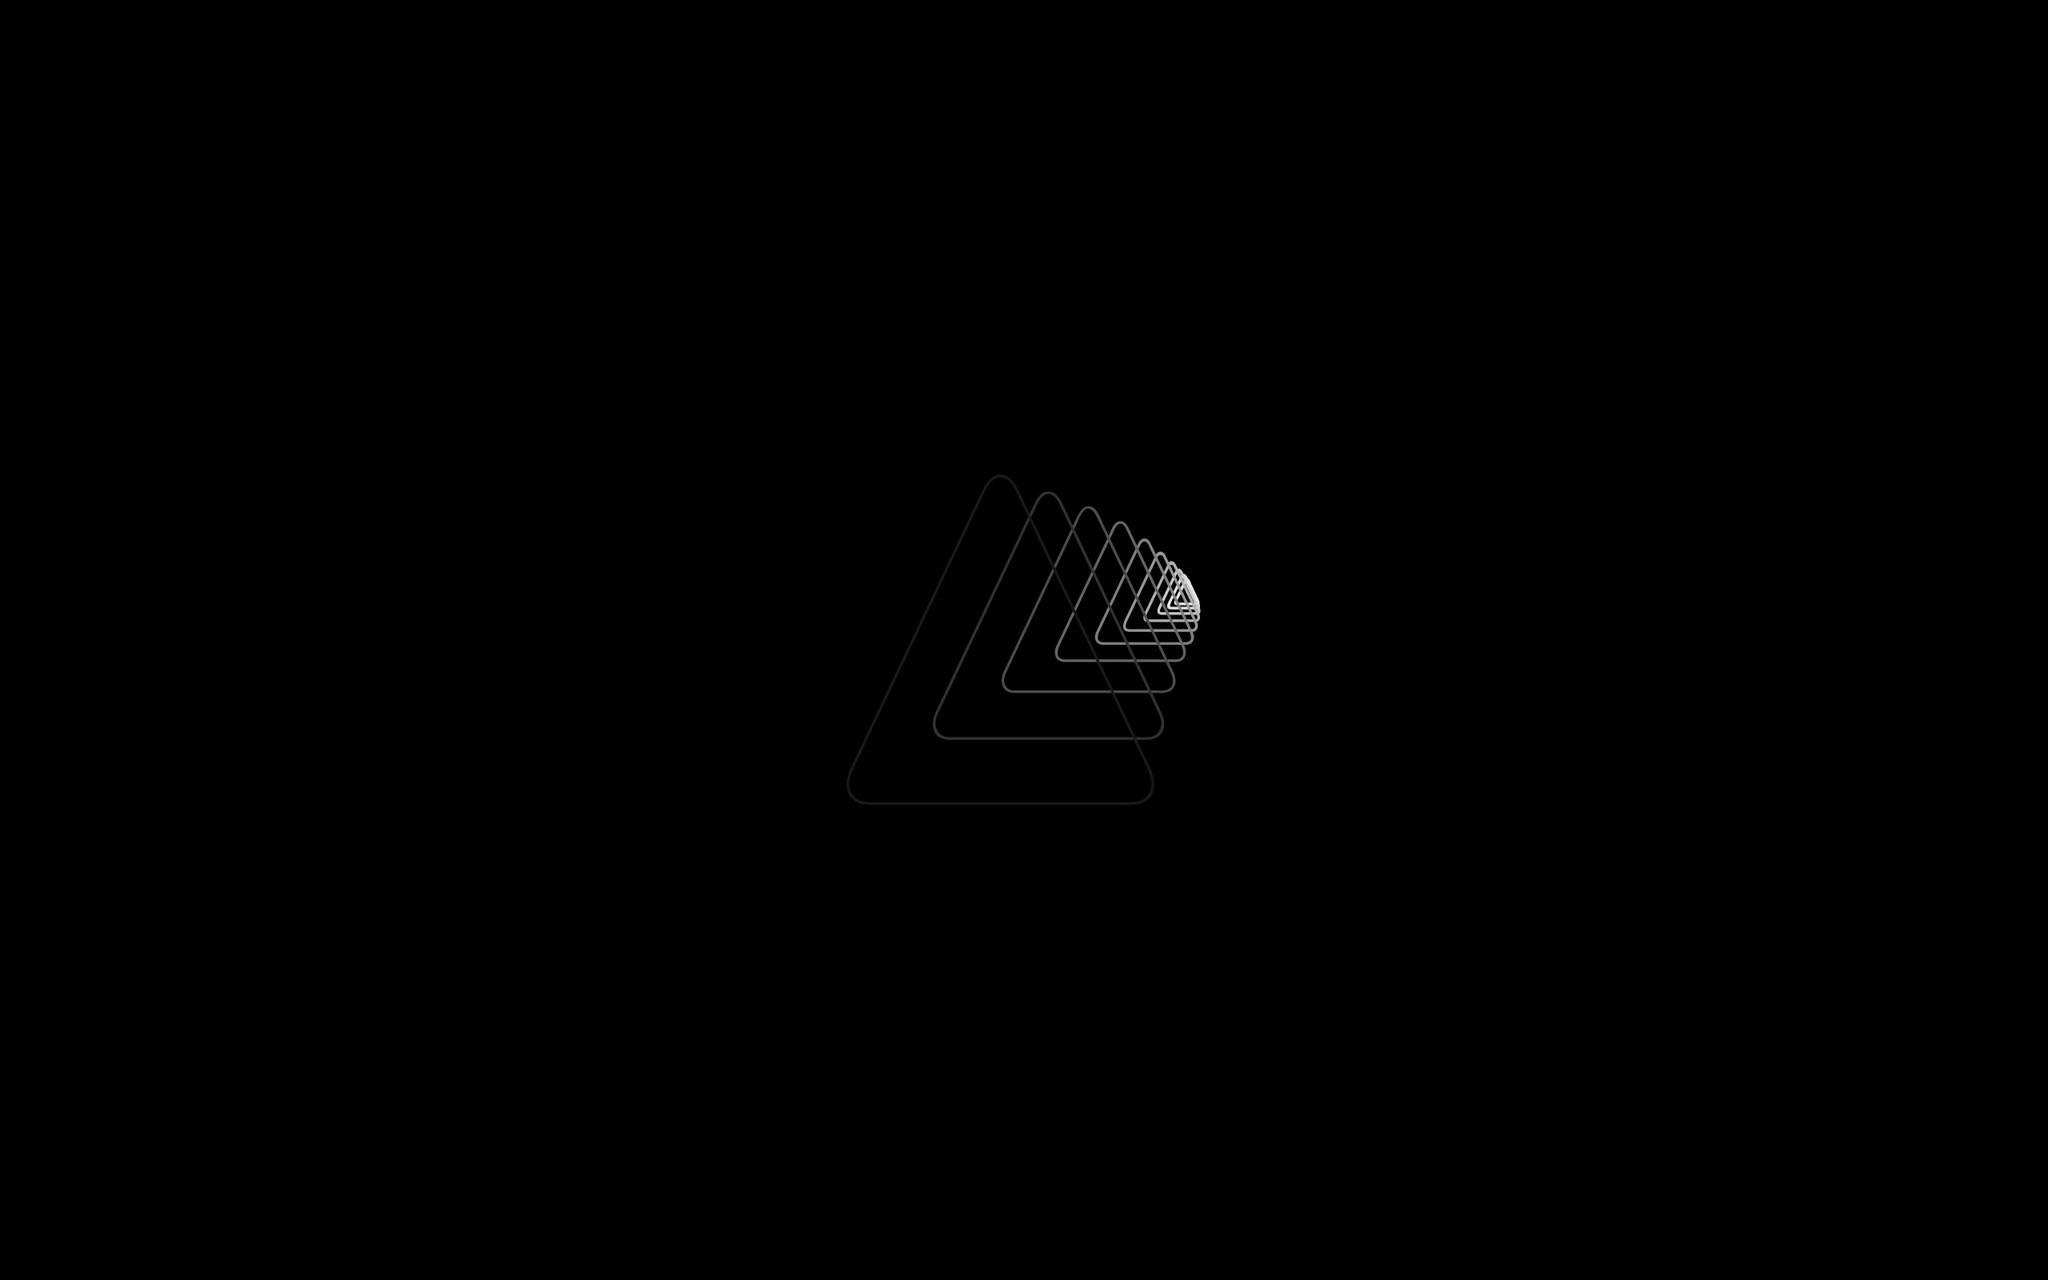 triangle in DARK